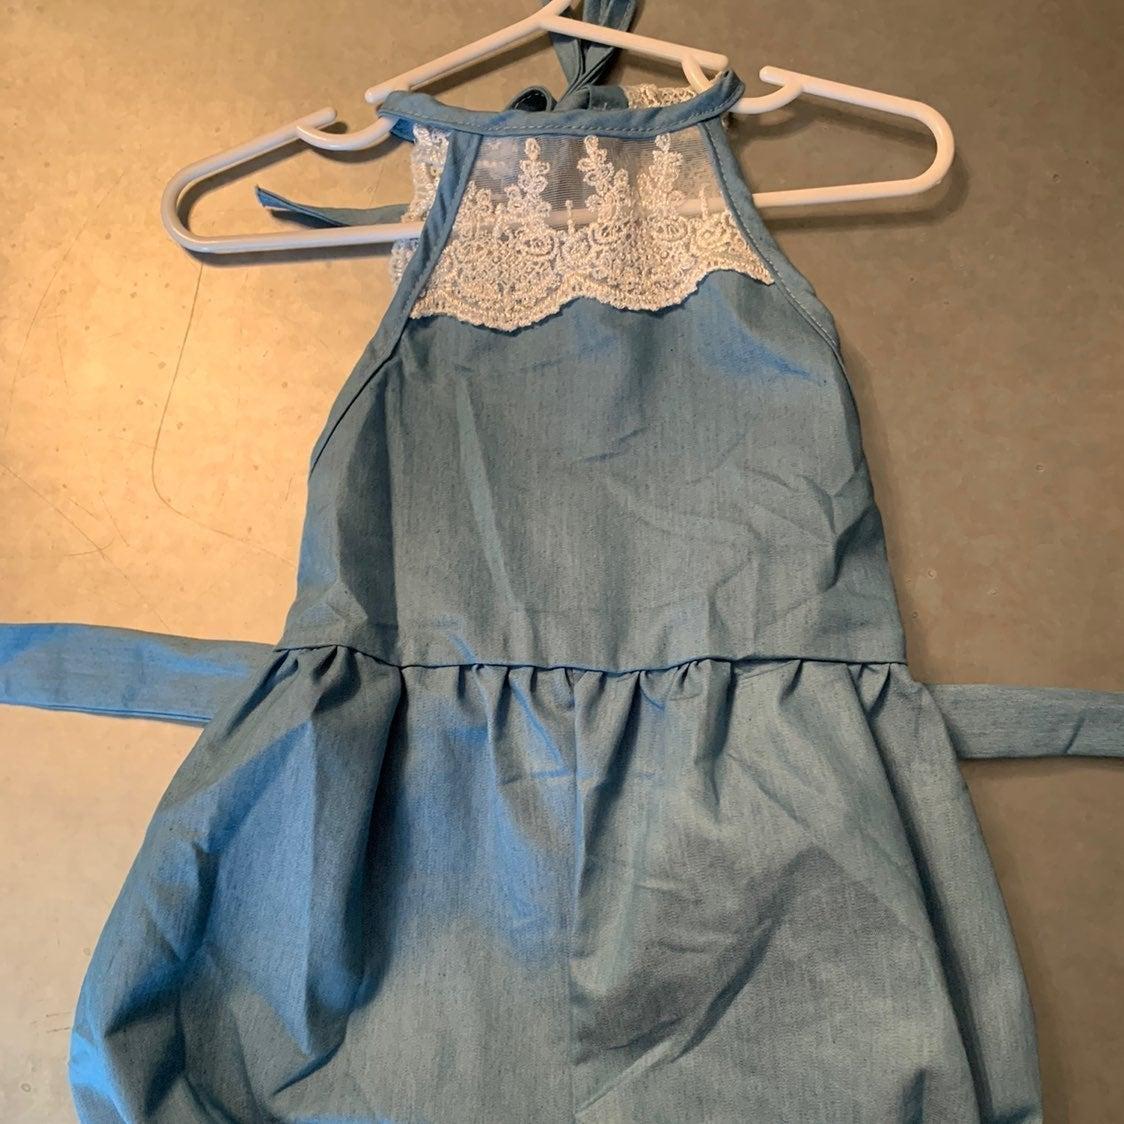 Lace back boutique romper 12-24 months